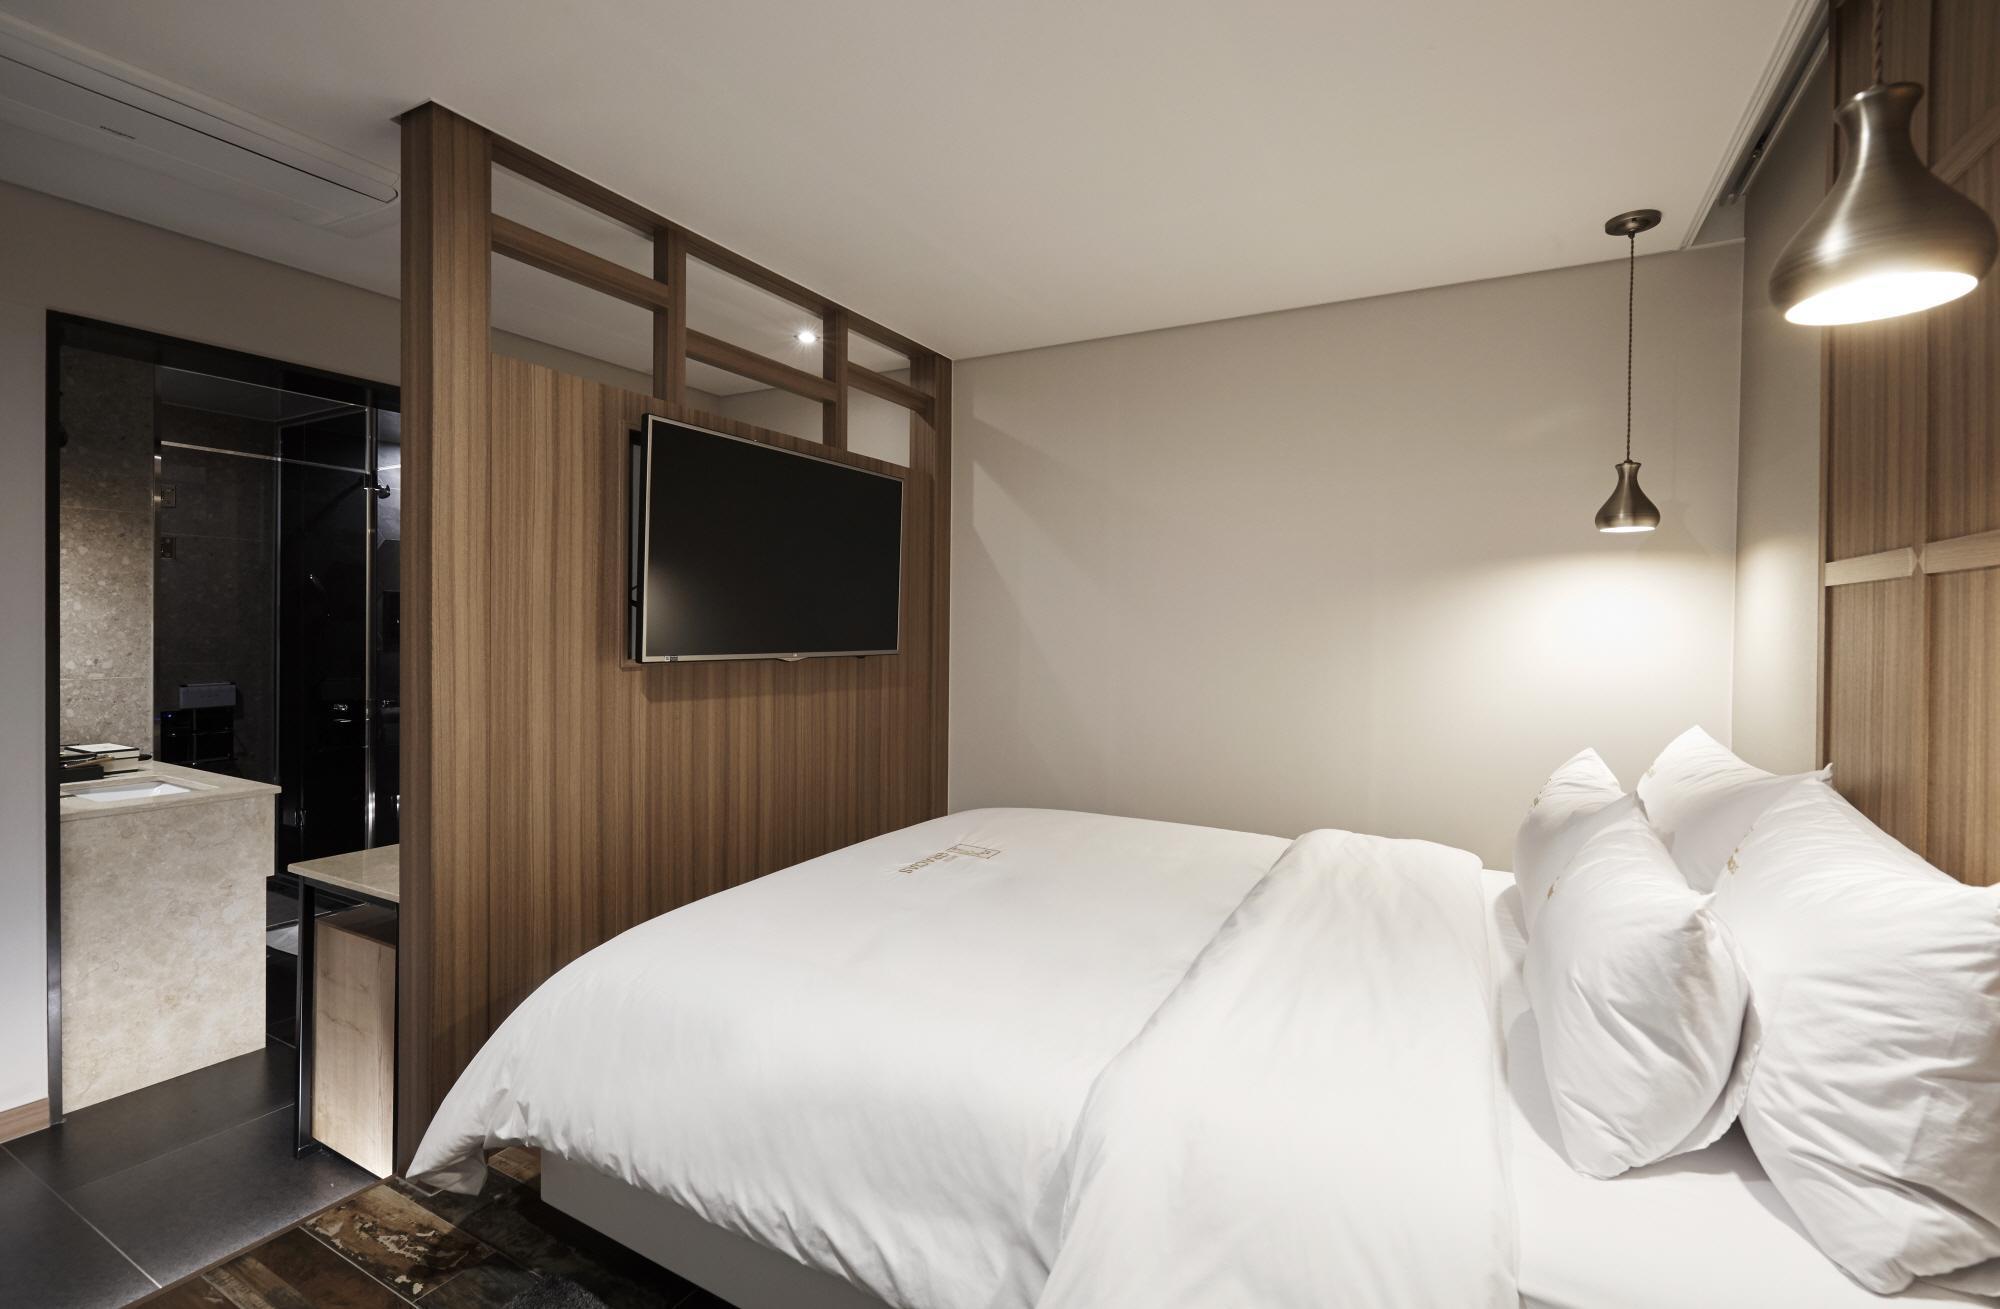 GRACIAS HOTEL GIMHAE, Gimhae